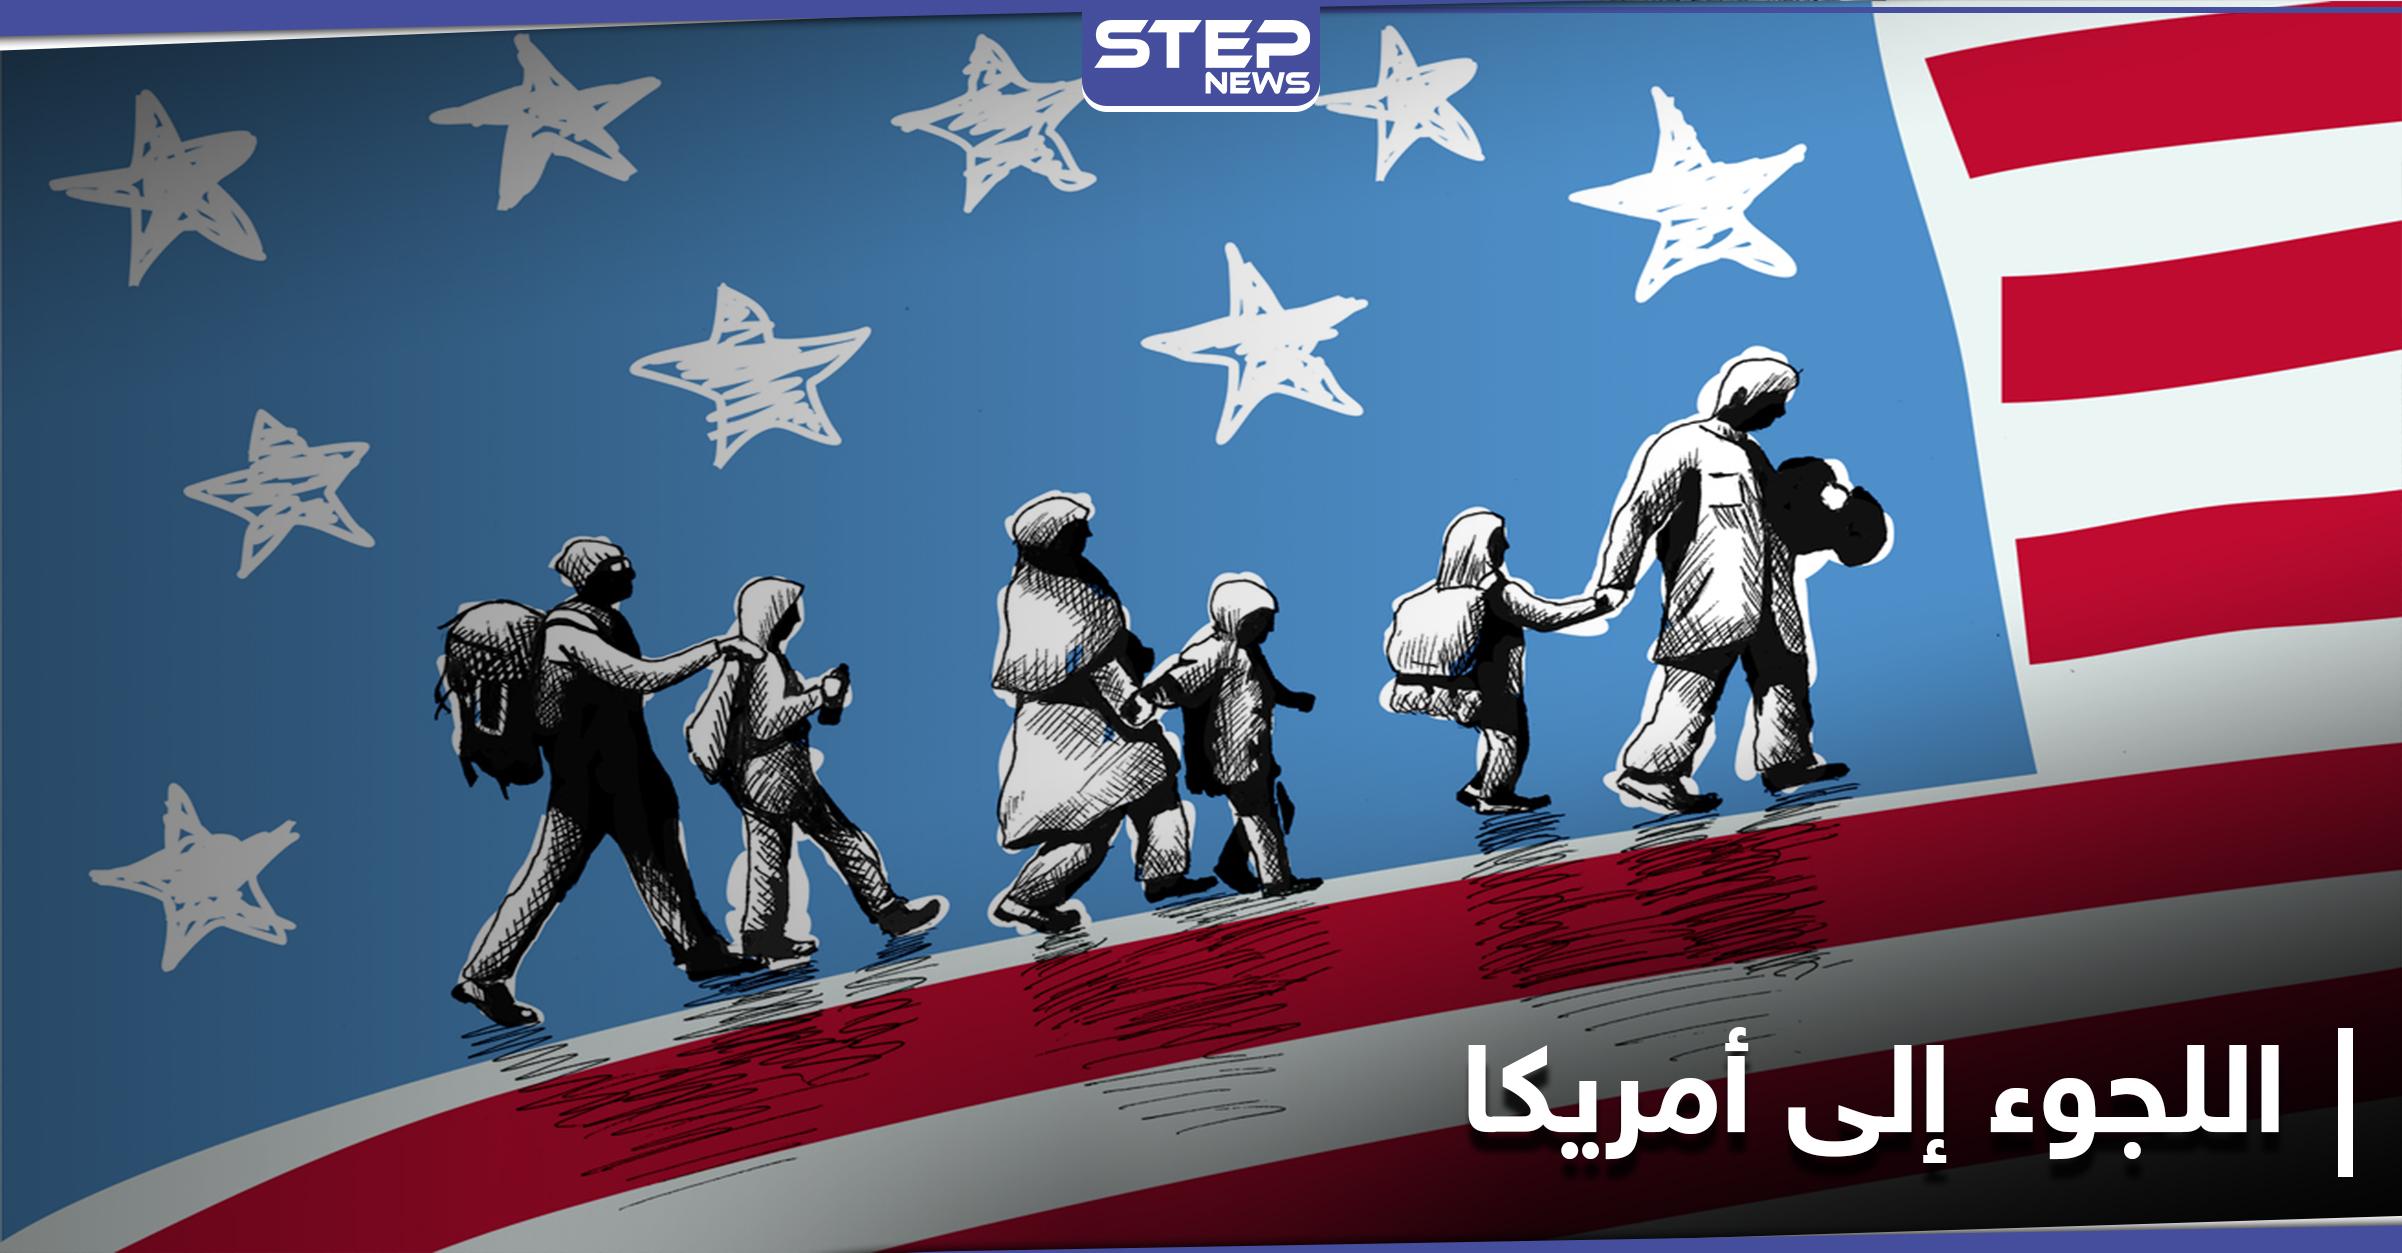 الخارجية الأمريكية ترفع الحظر عن دخول مواطني 13 دولة معظمها مسلمة وتوضح التفاصيل